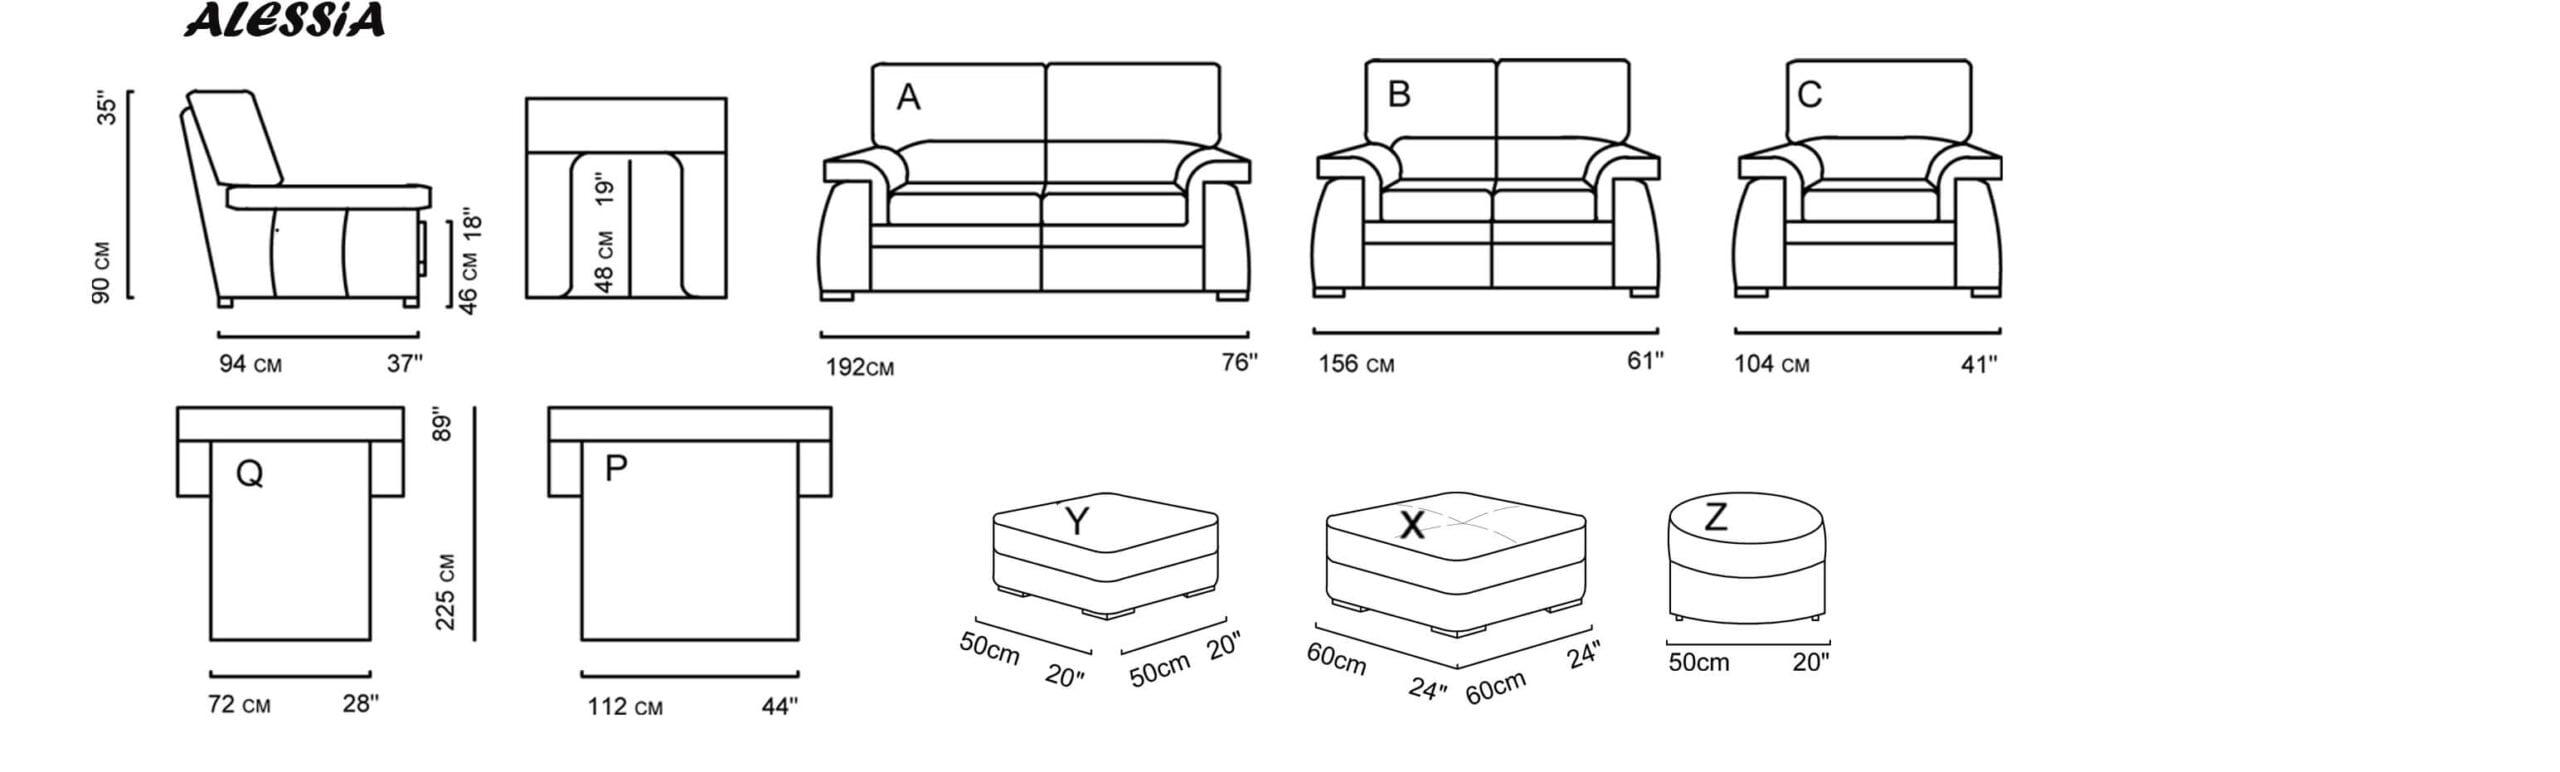 alessia sofa giotto living sofa relax sofa ange sofa sofabed